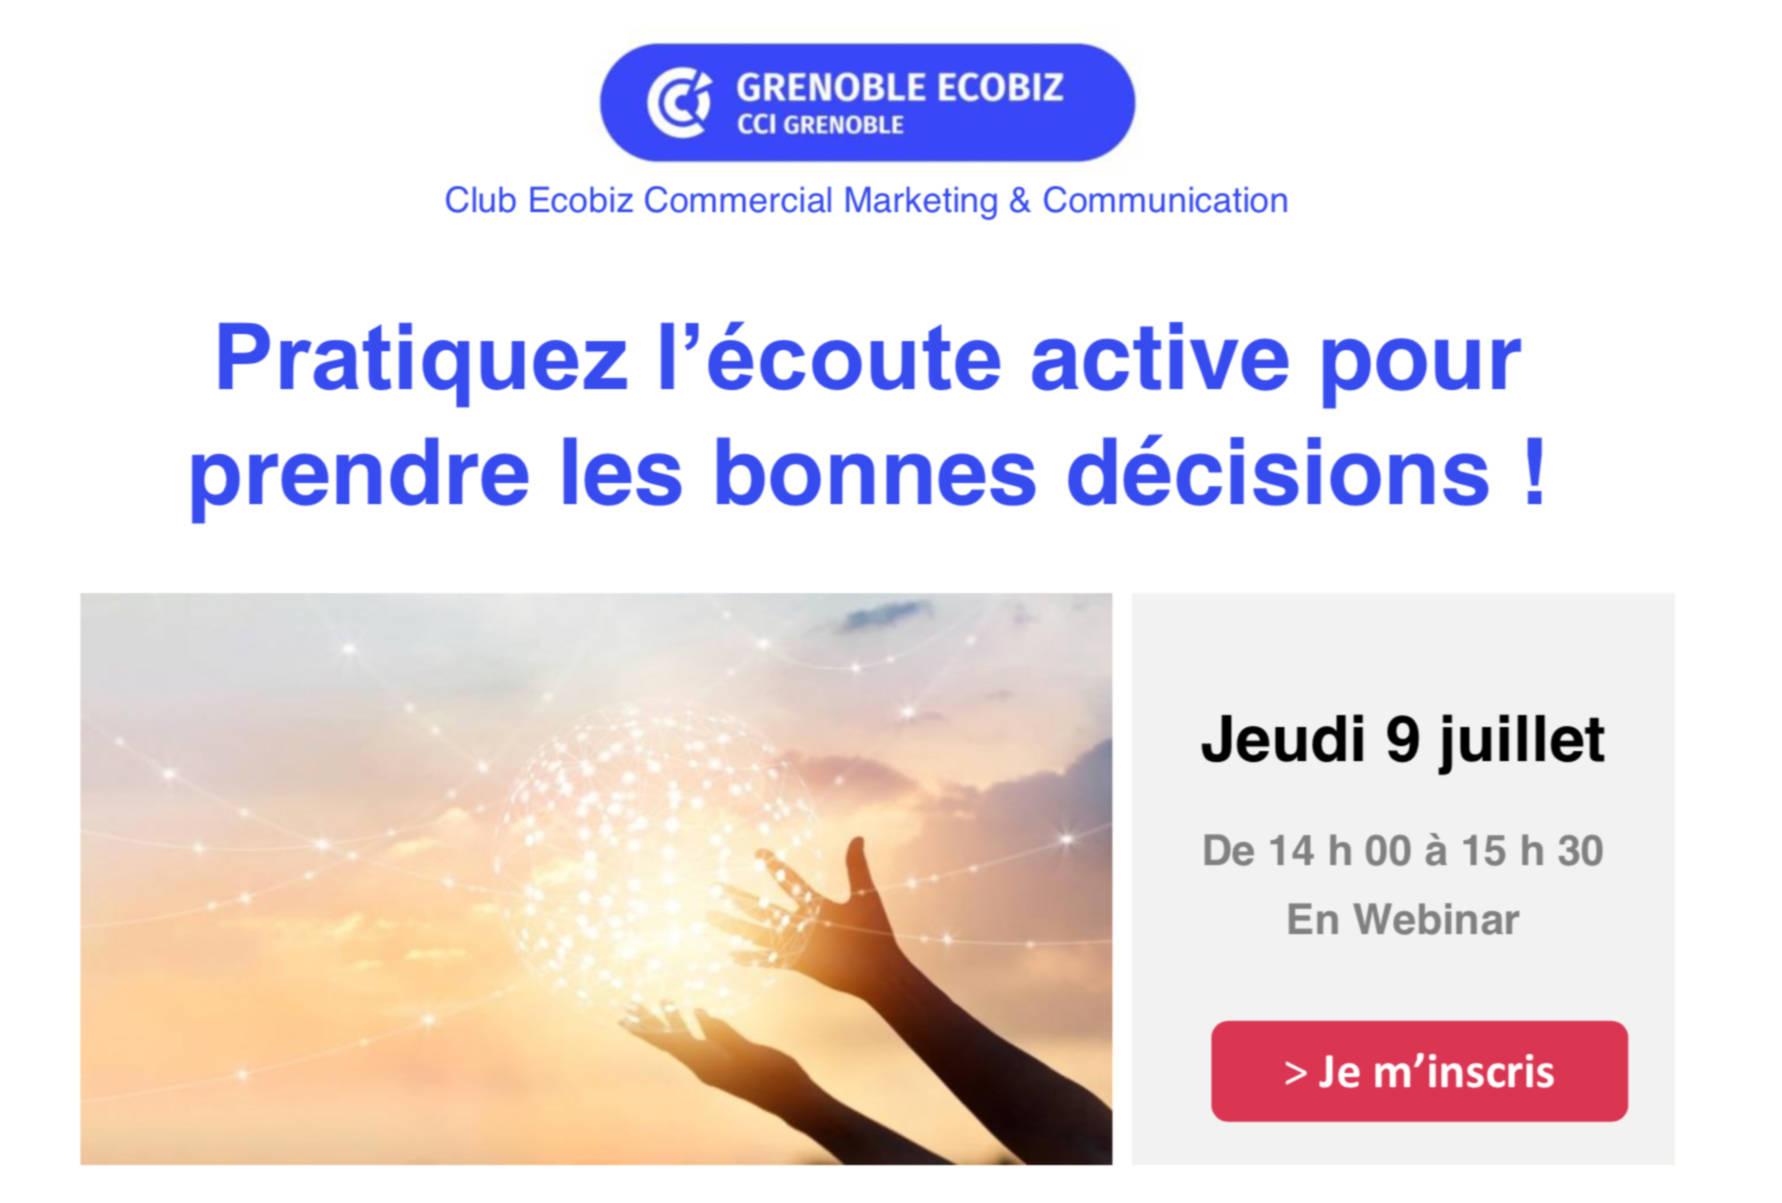 Webinar Comongo et Ecobiz : Pratiquez l'écoute active pour prendre les bonnes décisions